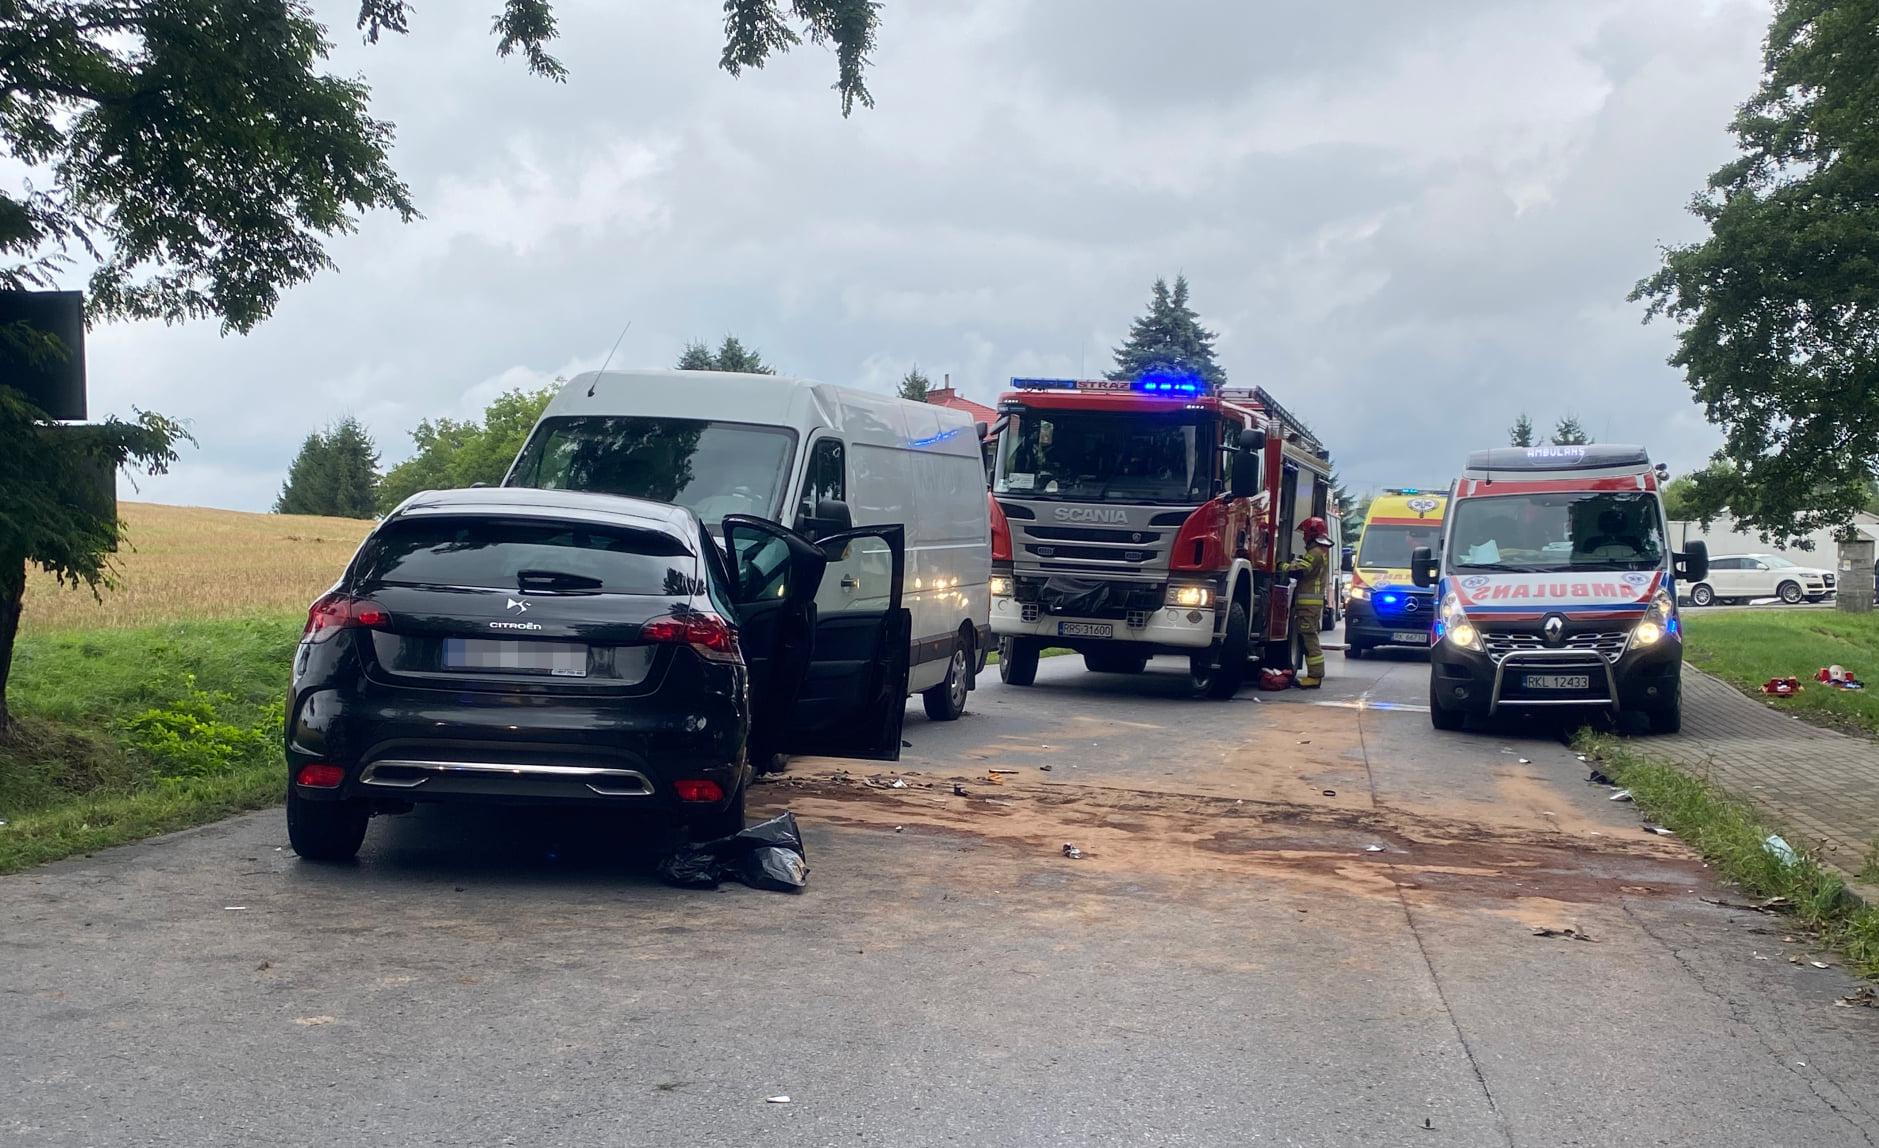 Poważny wypadek pod Sędziszowem Małopolskim! Ranne zostały 4 osoby! - Zdjęcie główne